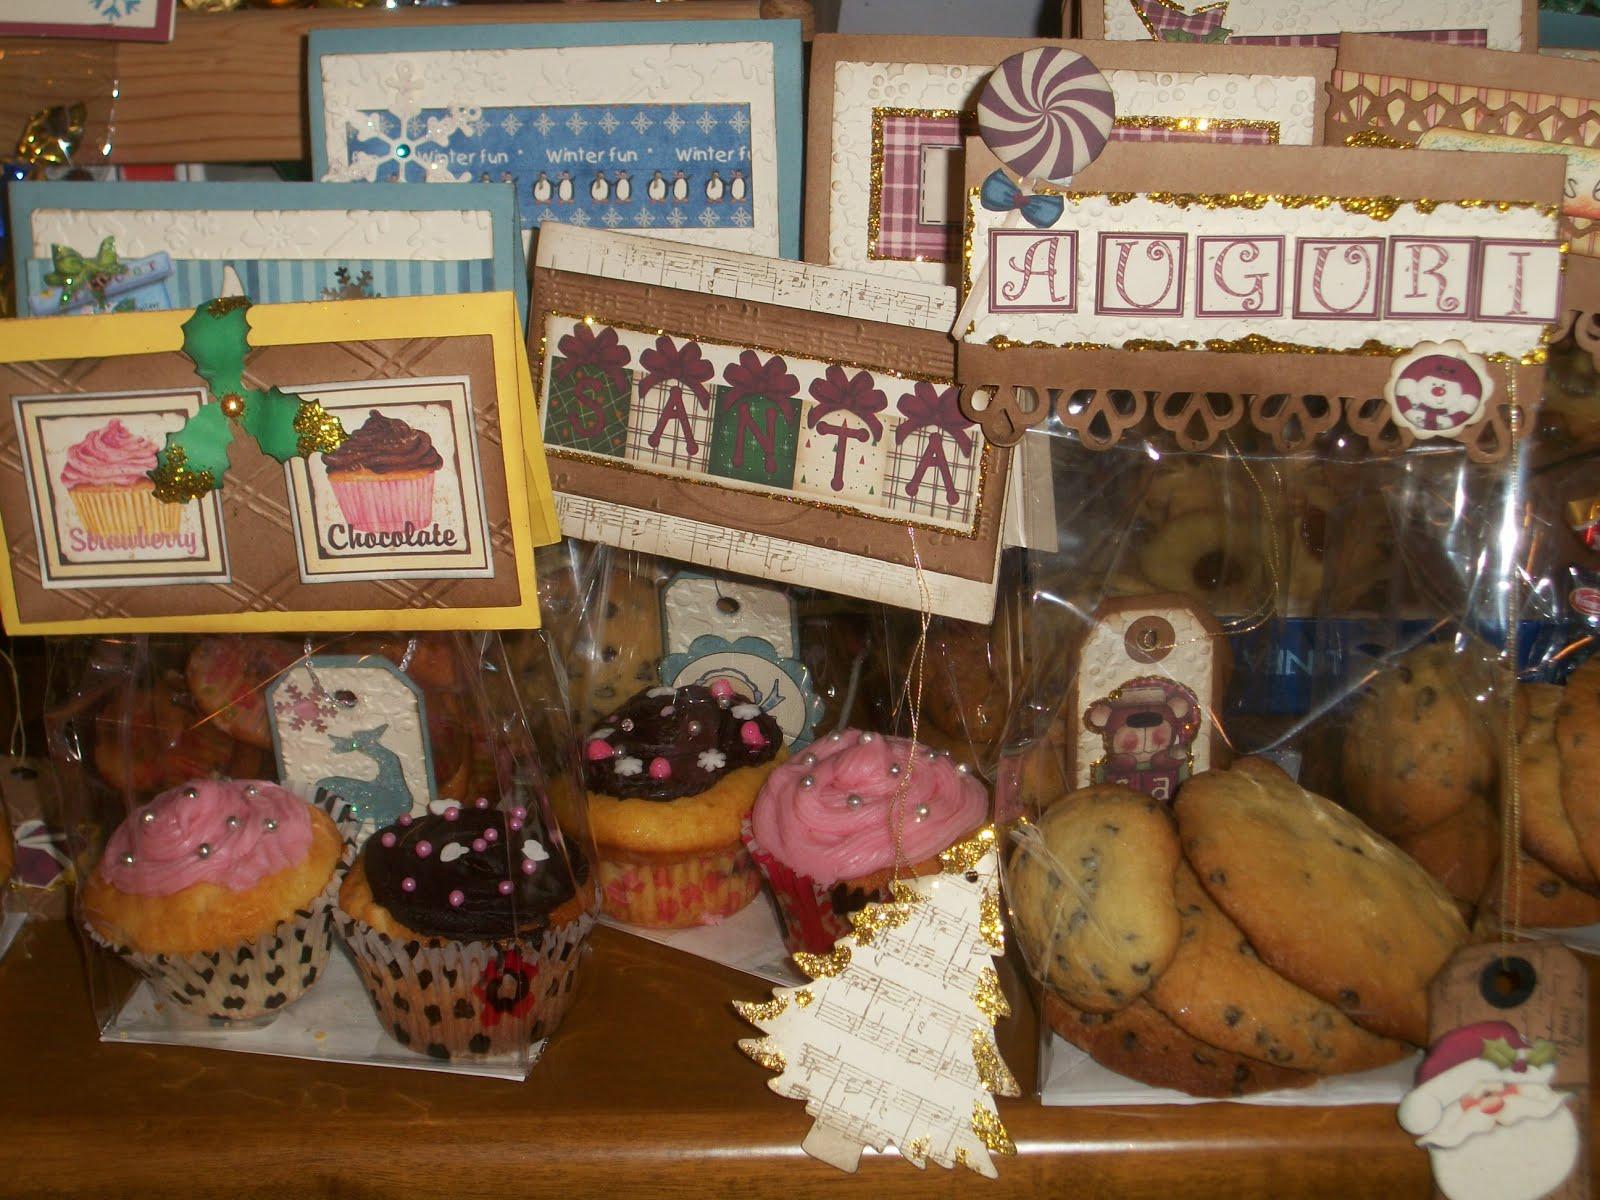 Natale e porcellane etichette per biscotti - Piccole idee regalo per natale ...